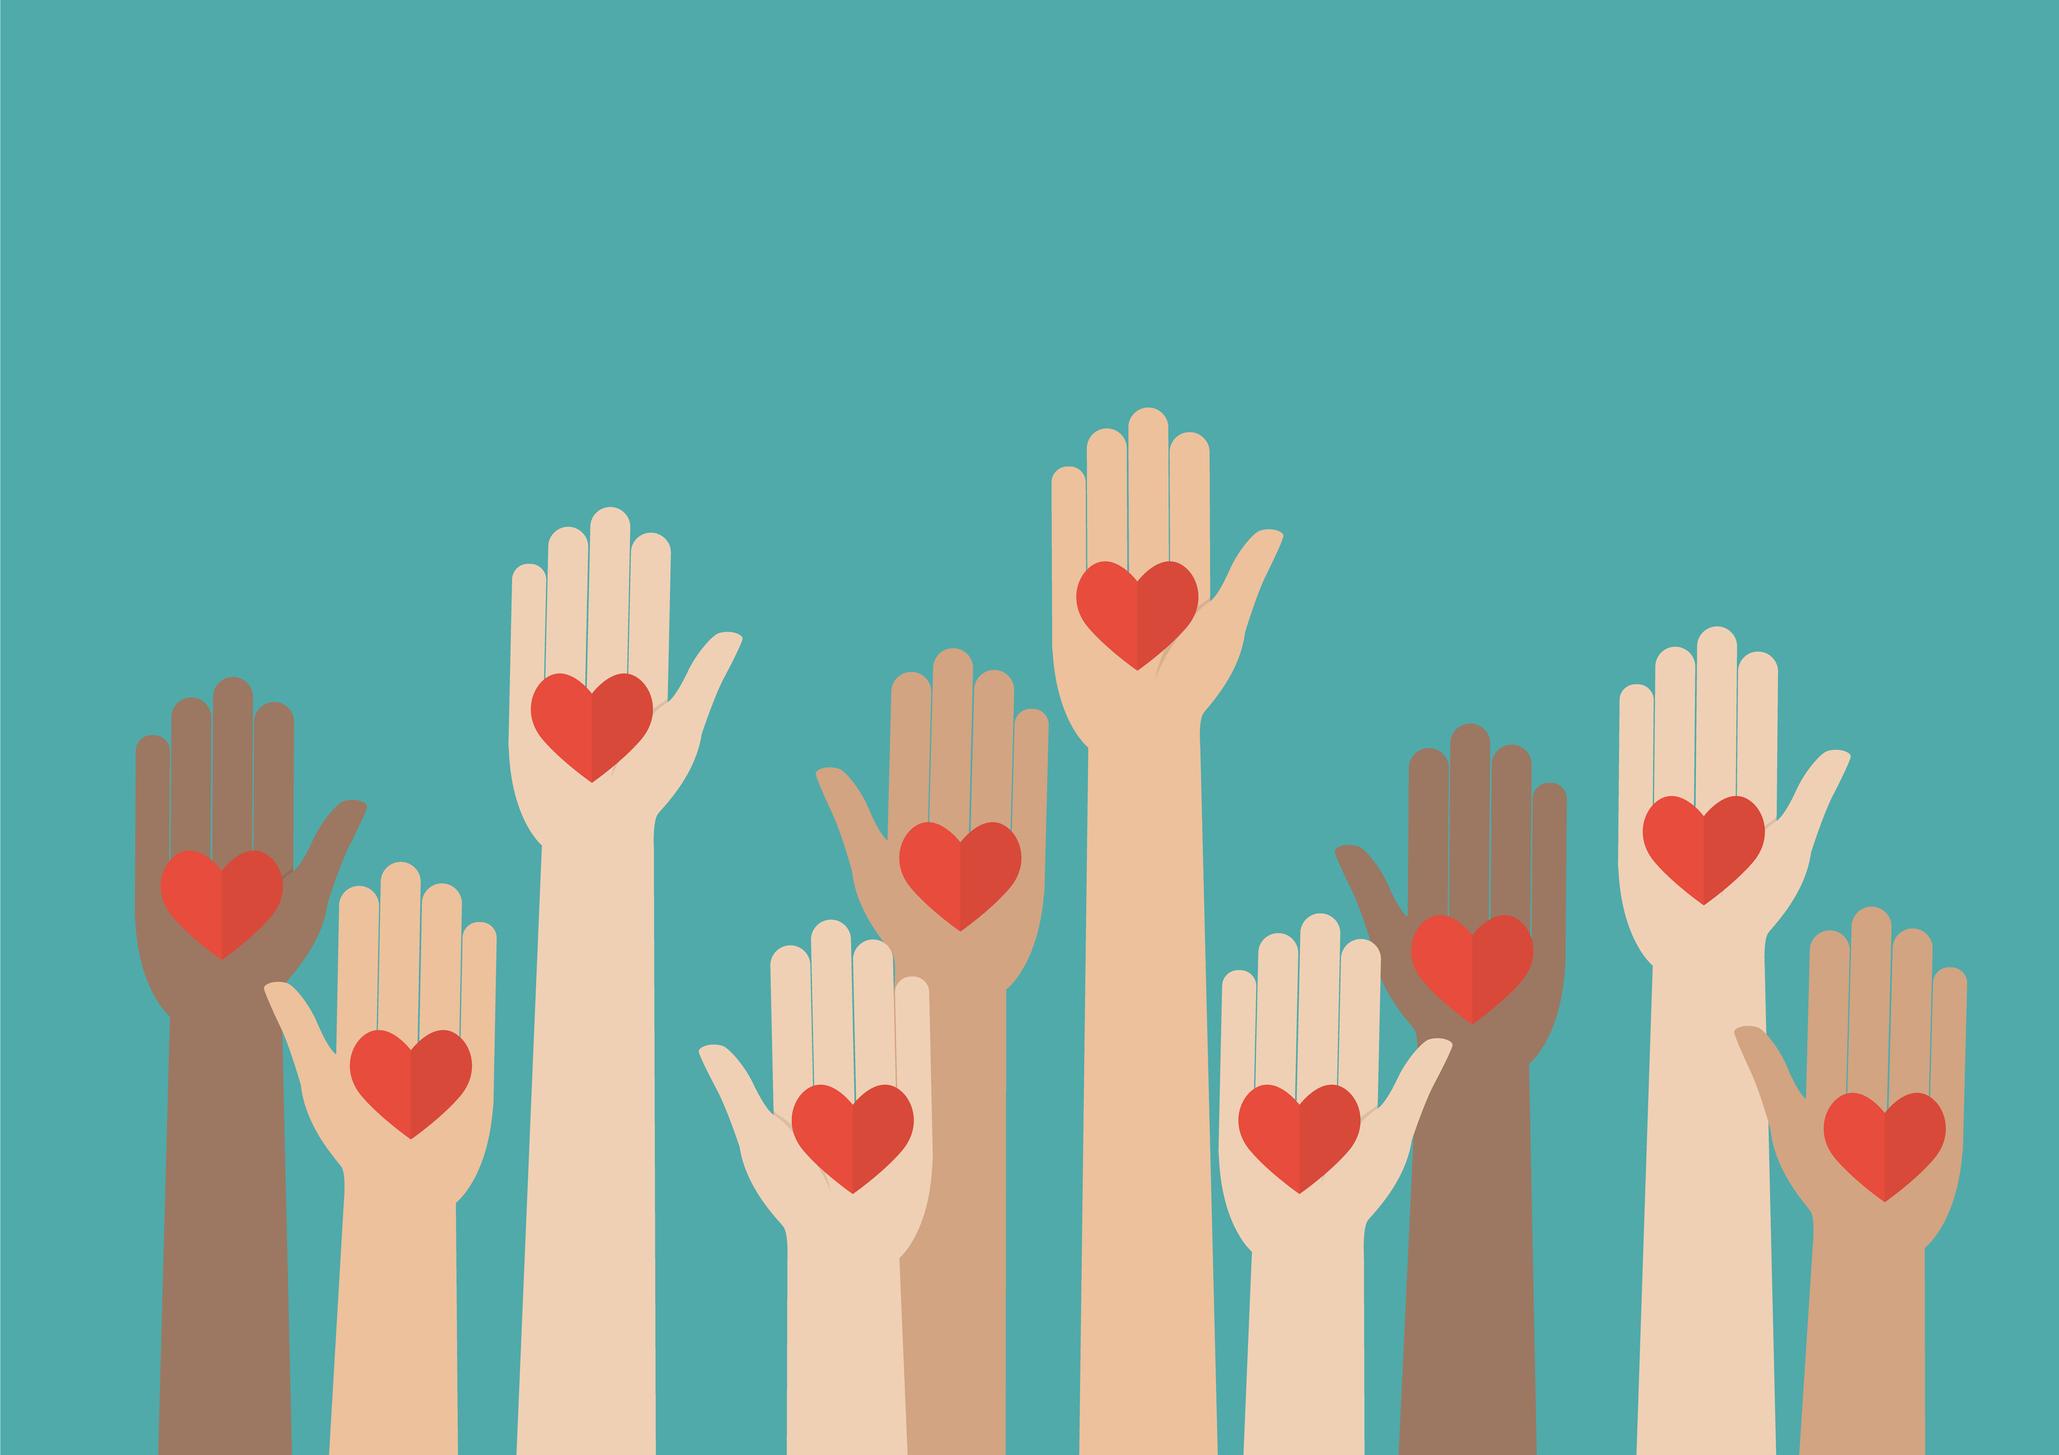 Raised hands volunteering. Vector illustration